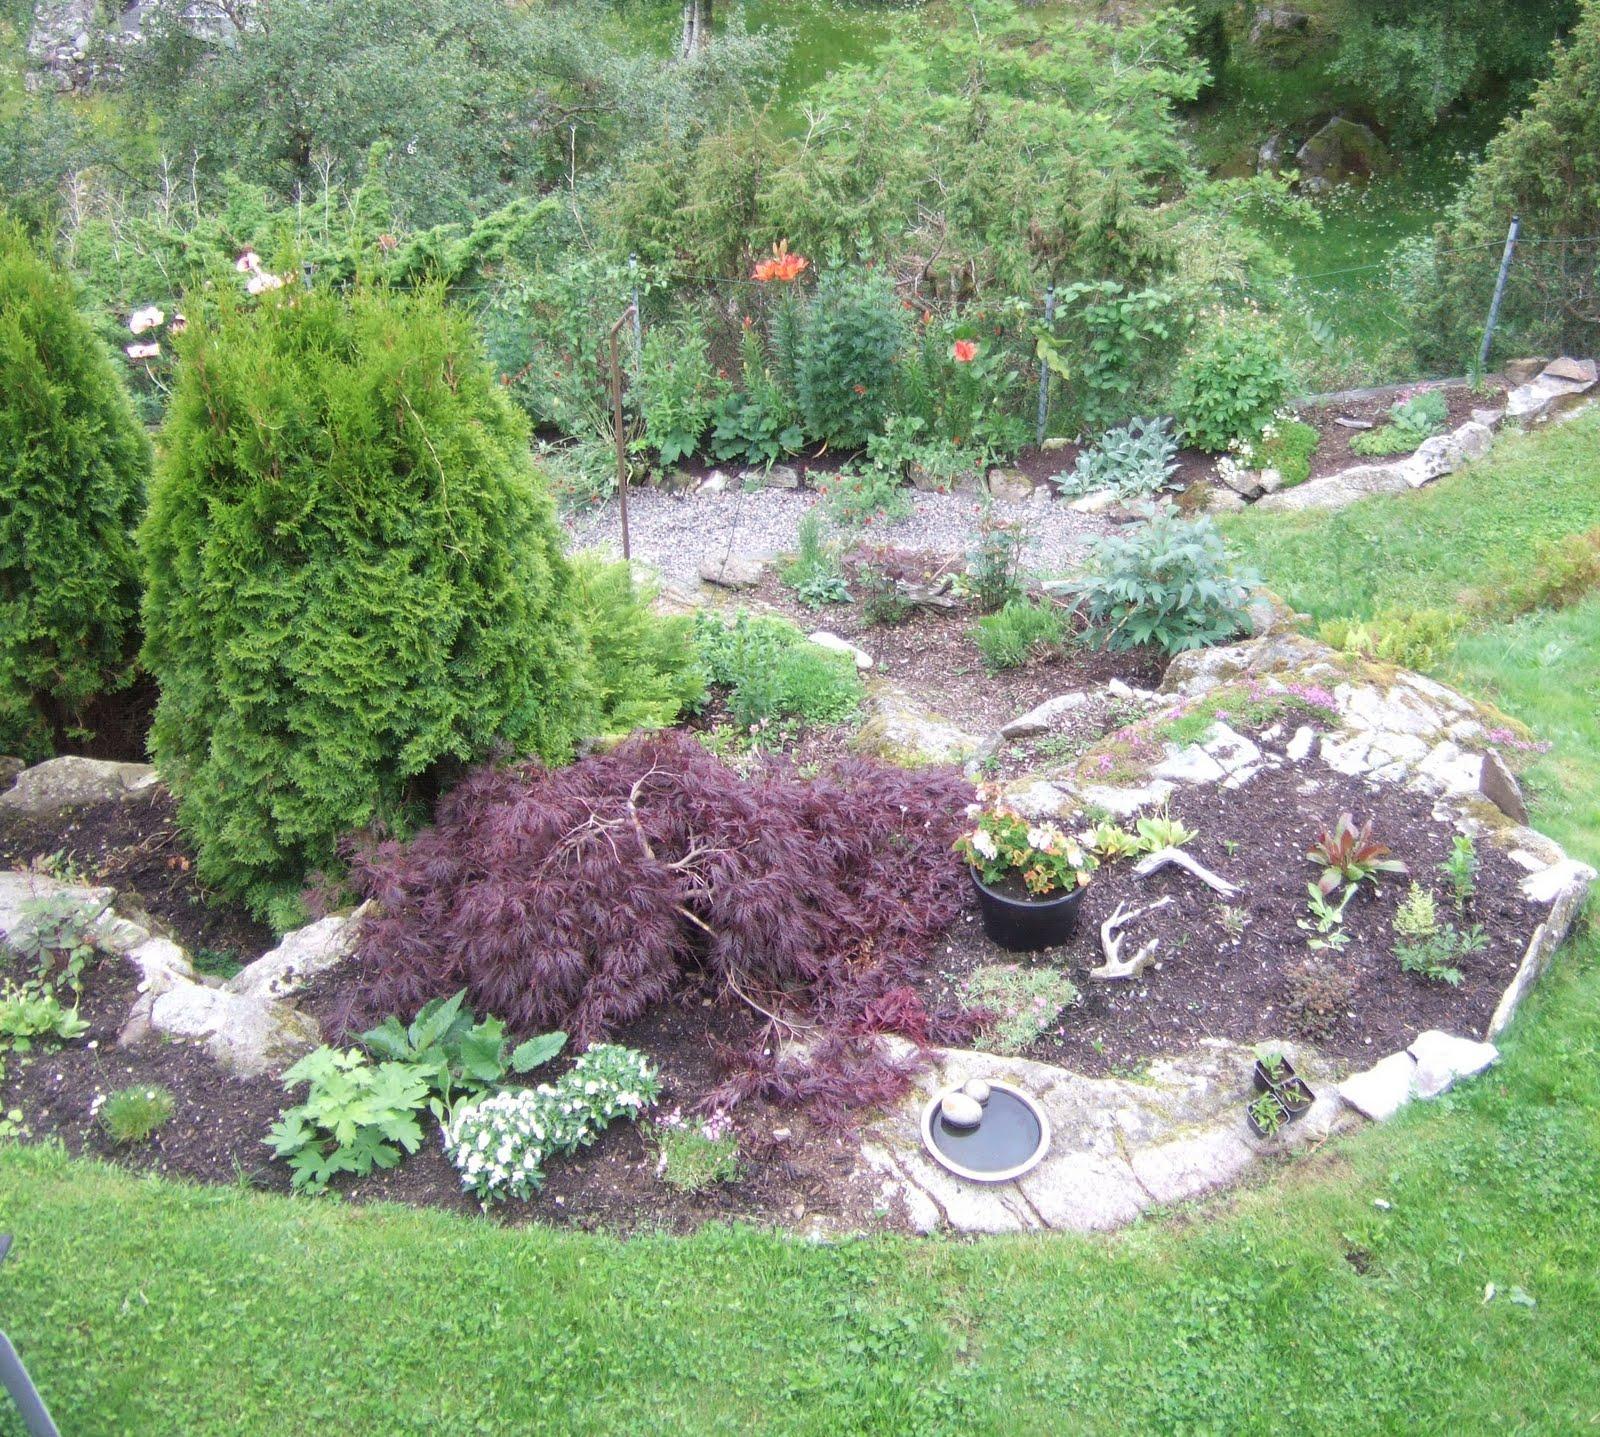 slik ser alts? hagen p? framsida ut hagen ligg i ein bratt skr?ning ...